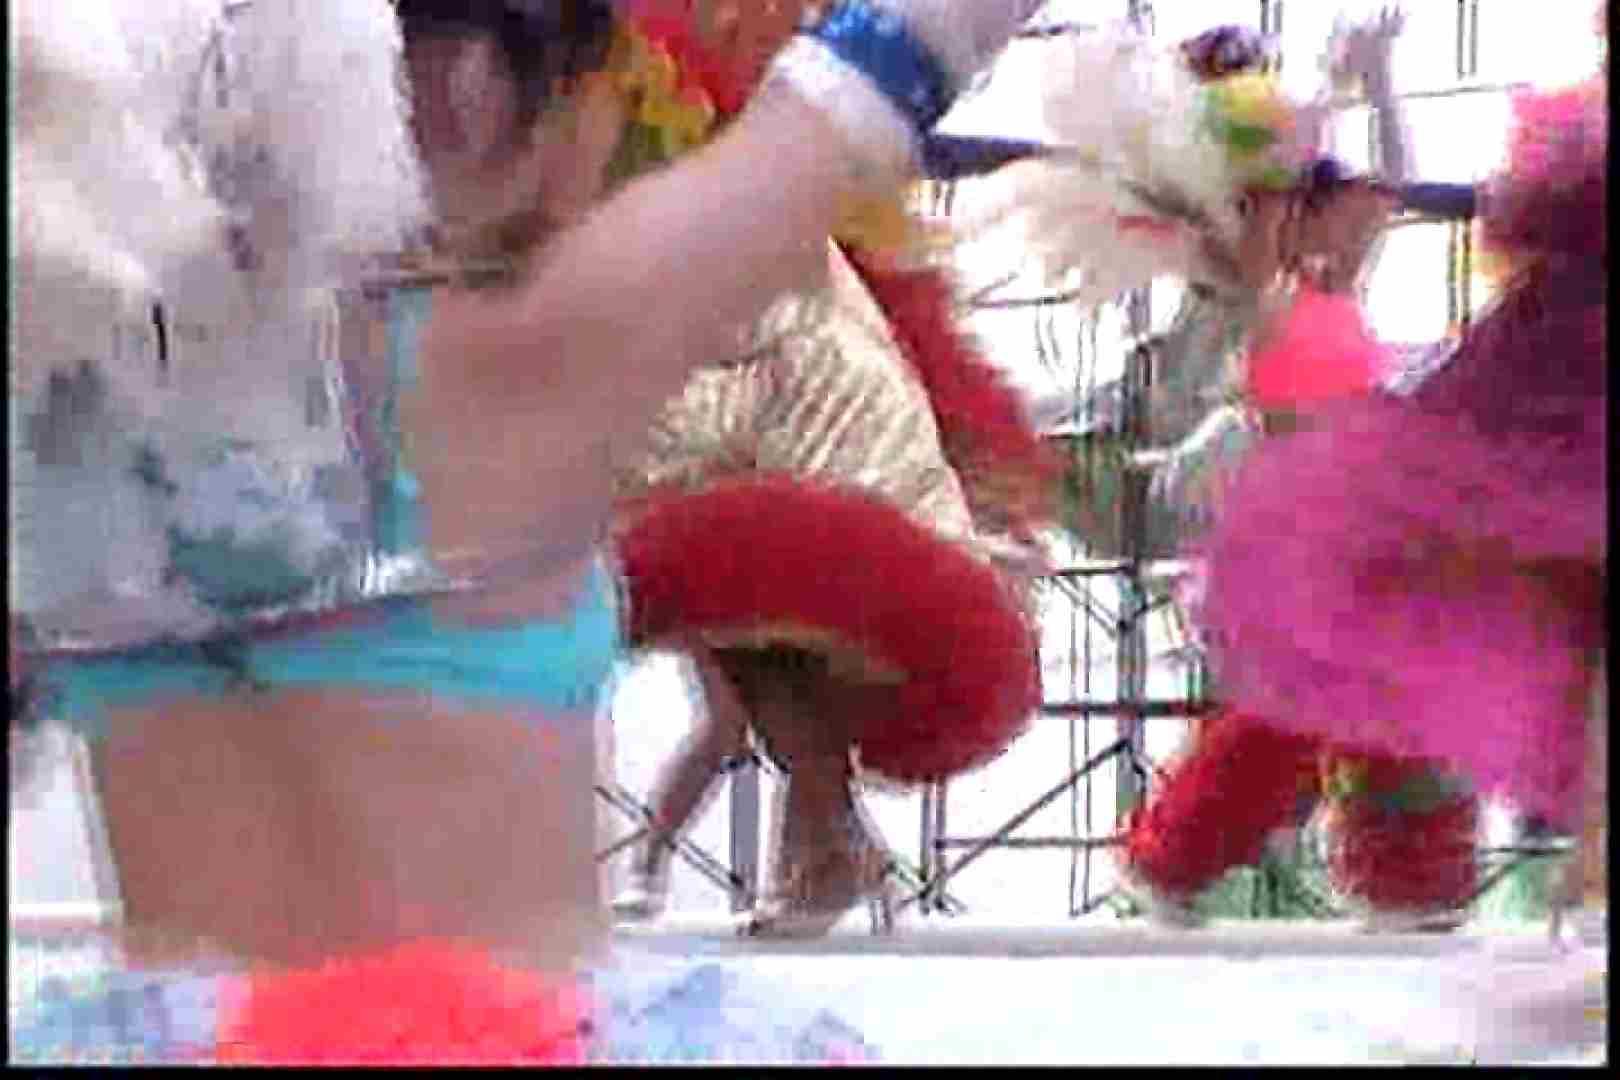 狂乱のサンバカーニバルVol.4 ギャルエロ画像 AV無料動画キャプチャ 113PICs 53